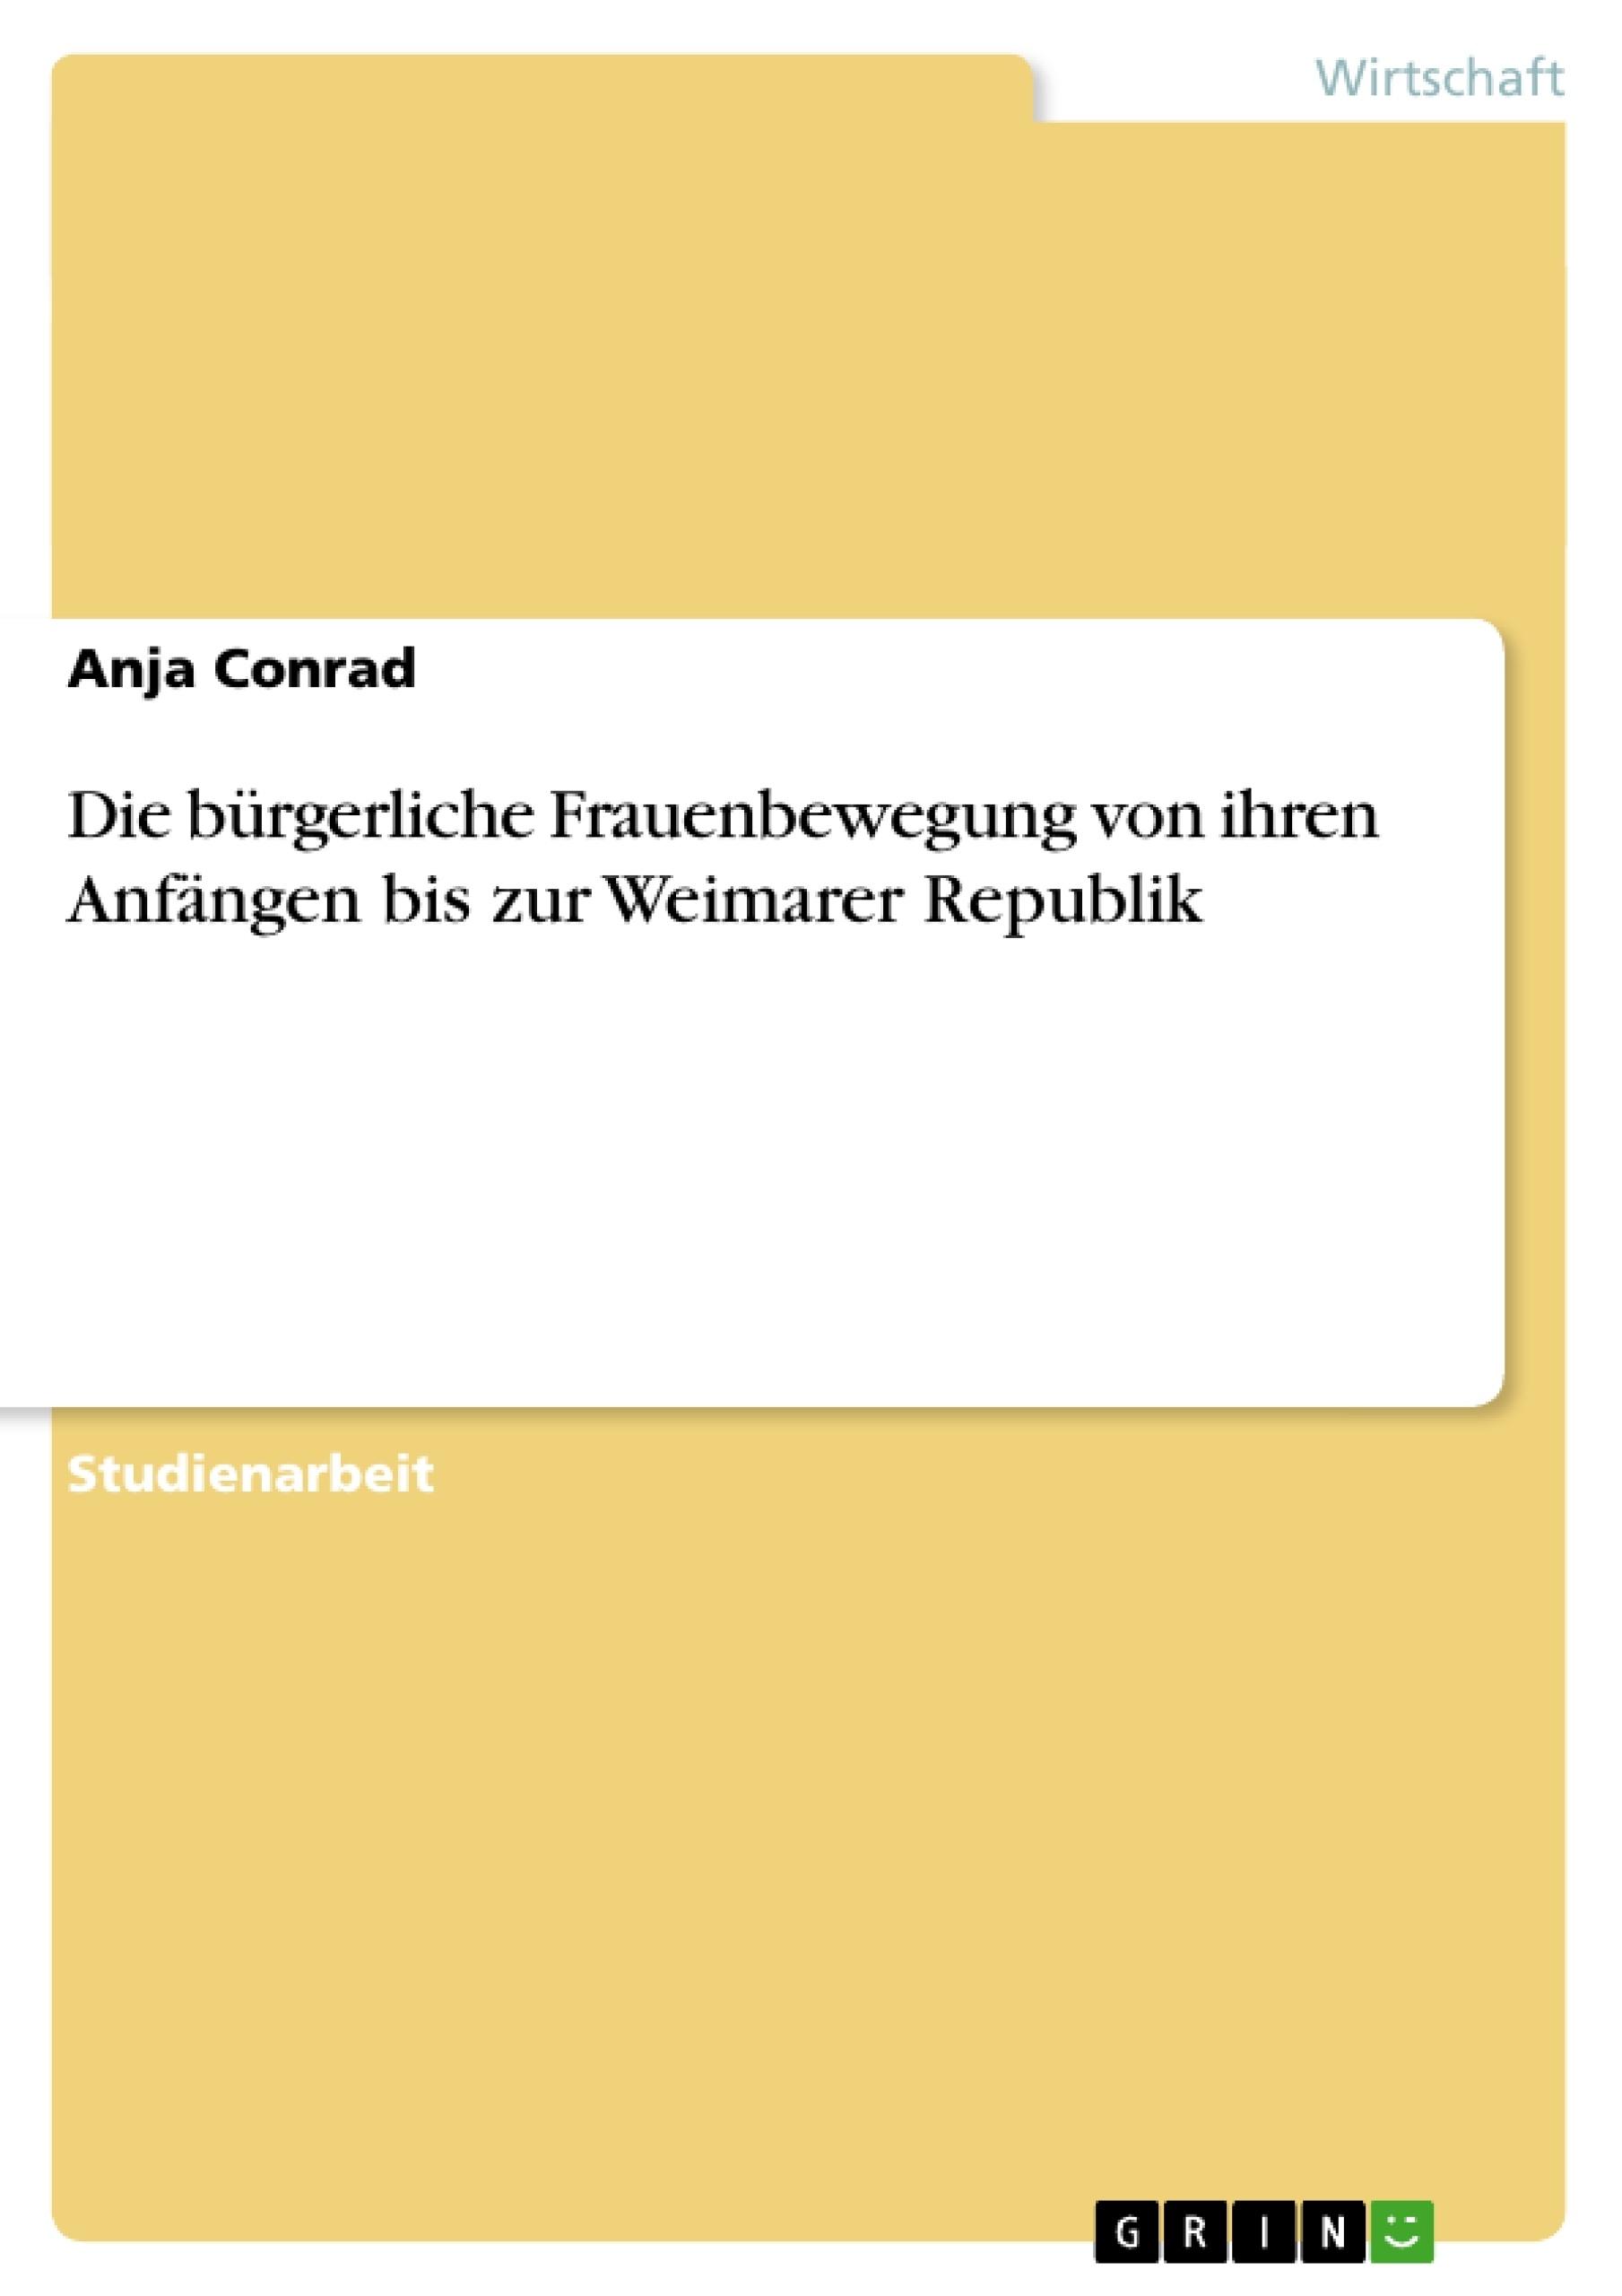 Titel: Die bürgerliche Frauenbewegung von ihren Anfängen bis zur Weimarer Republik